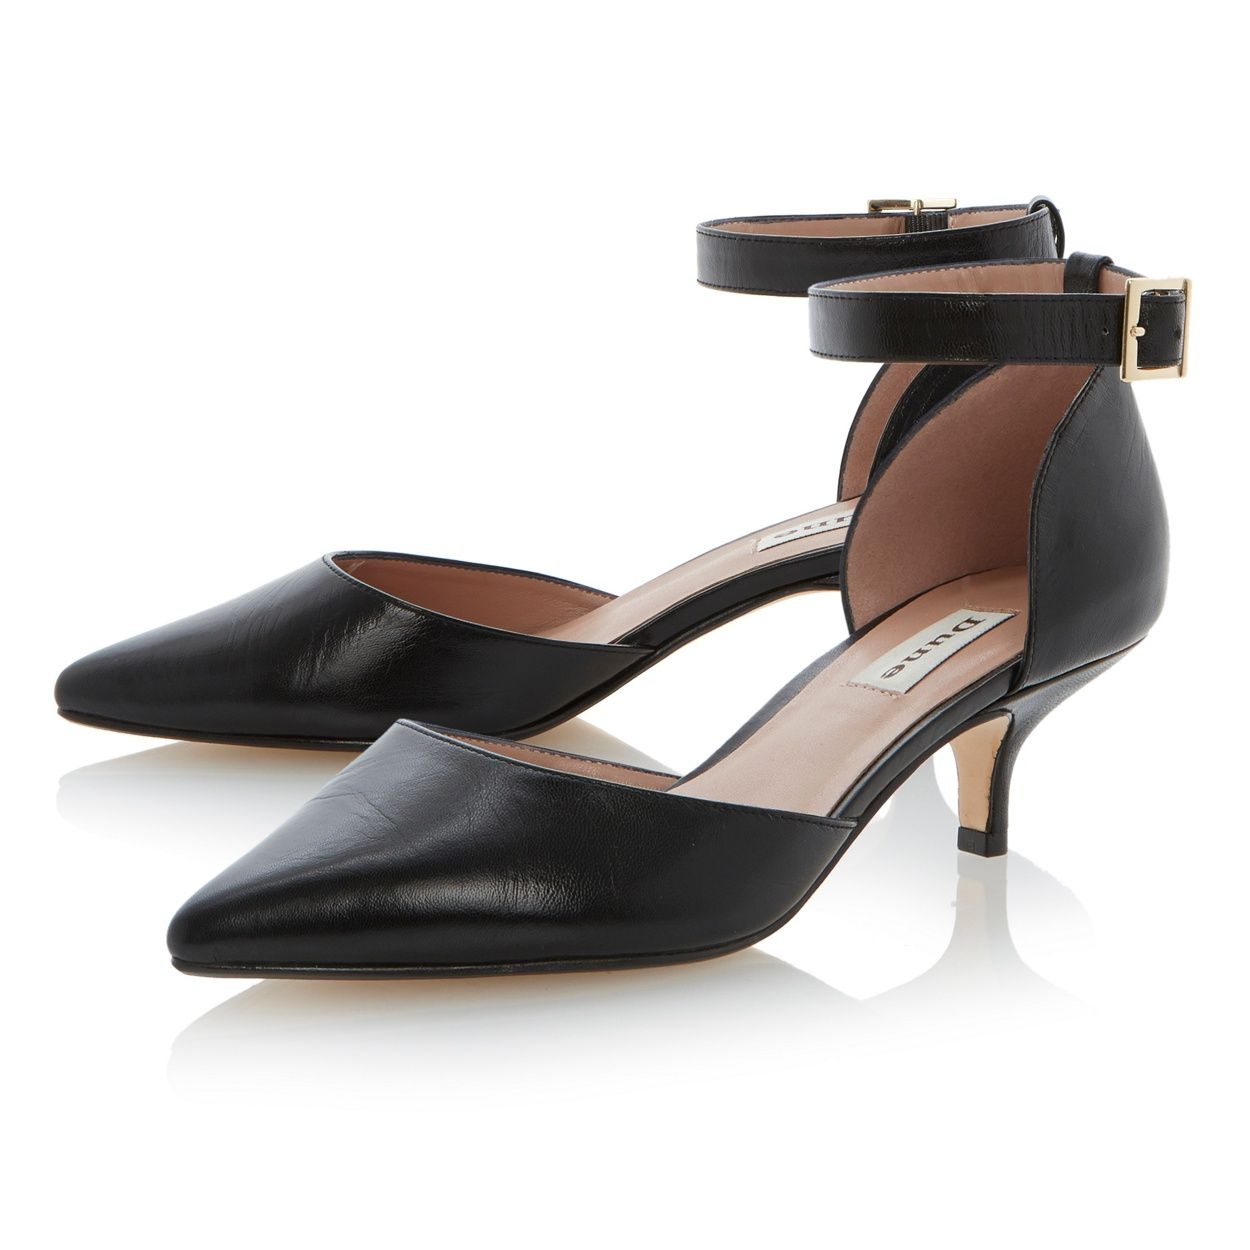 Shoes, Shoes black leather, Crazy shoes